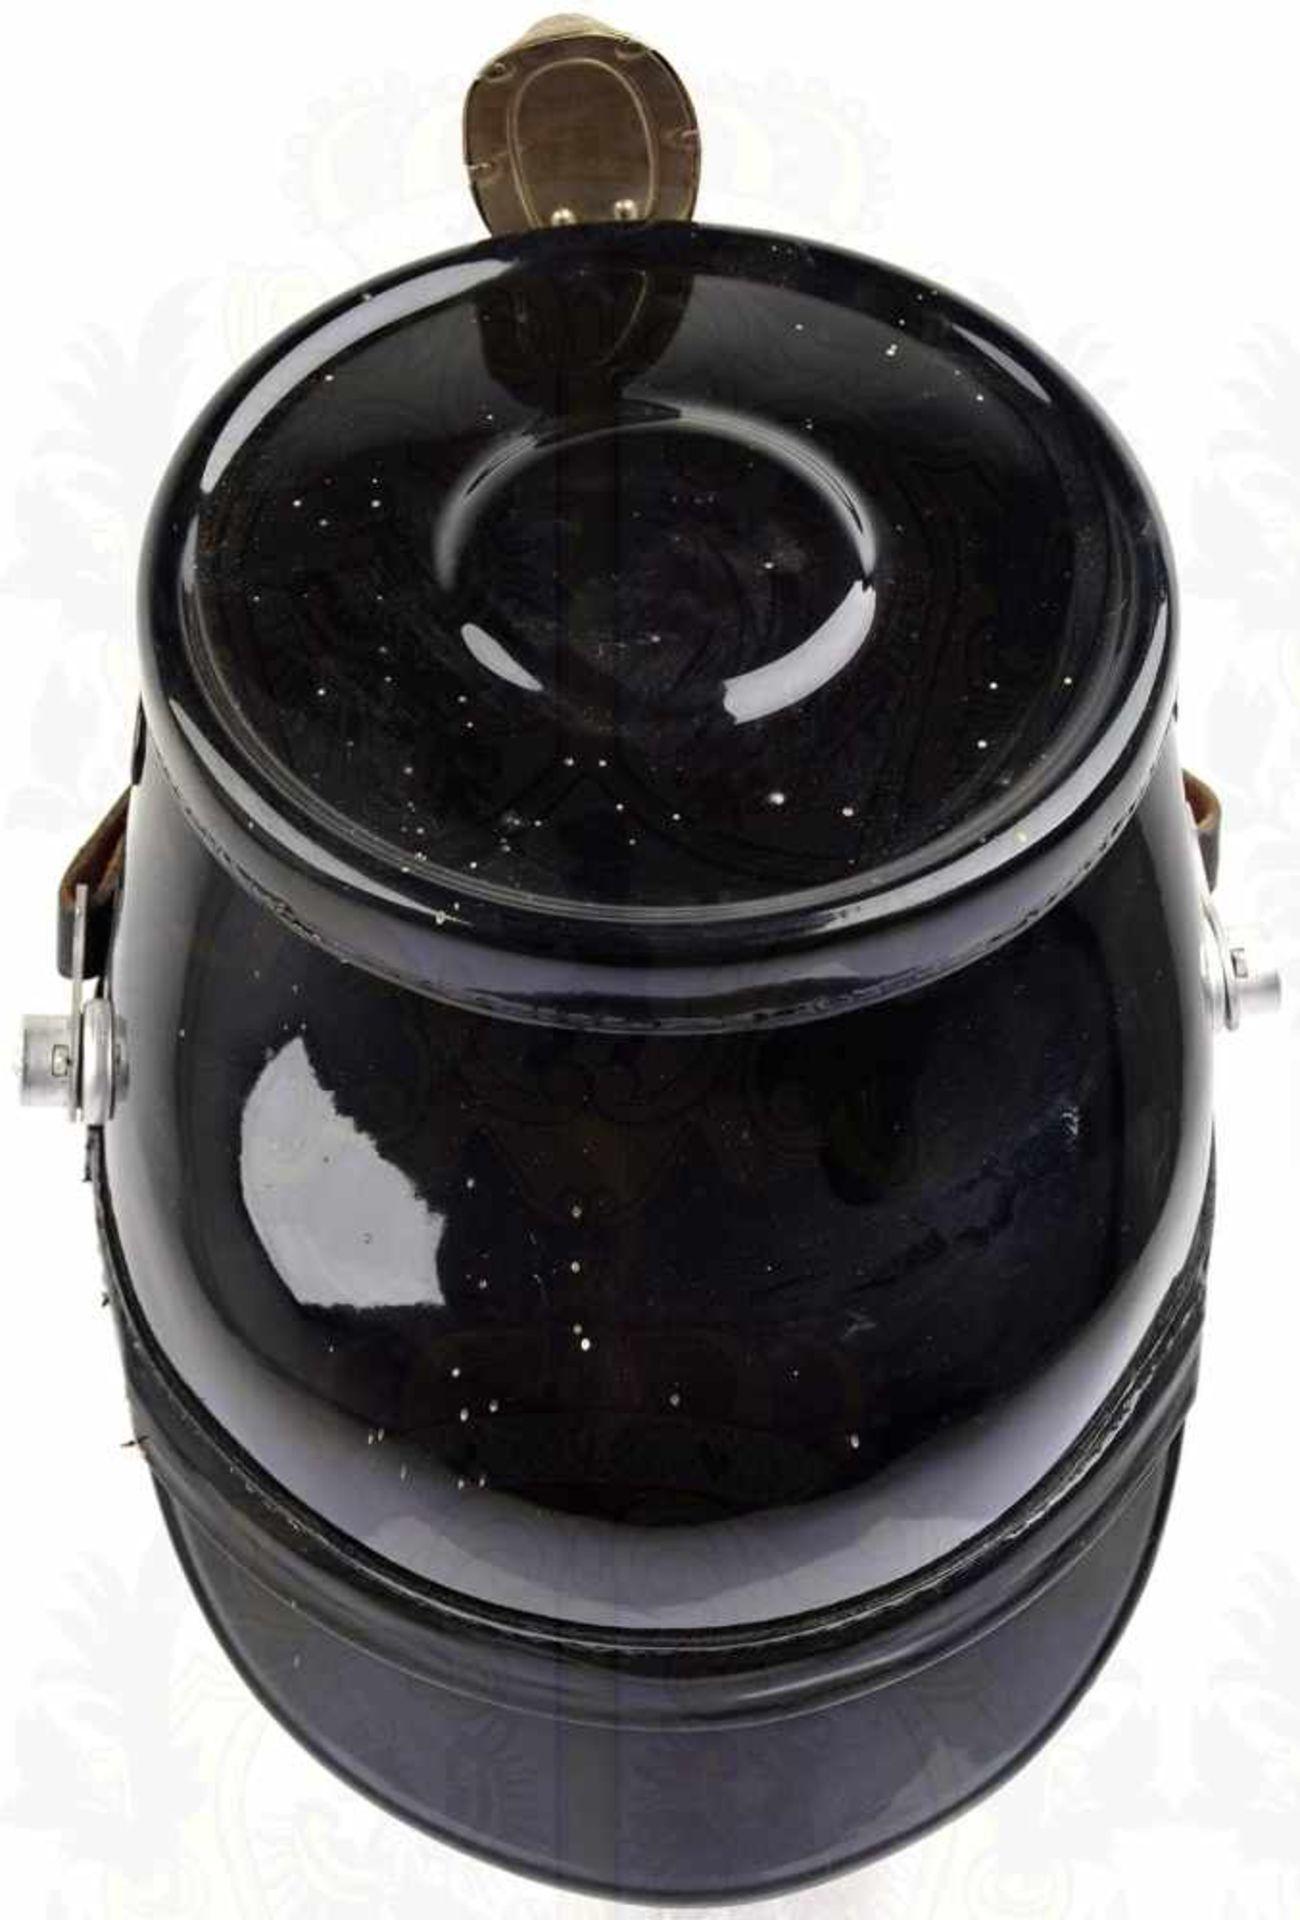 TSCHAKO POLIZEI WESTBERLIN, für Mannschaften, so getragen 1962-1968, schwarzer Fiberkorpus, je 2 - Bild 3 aus 3